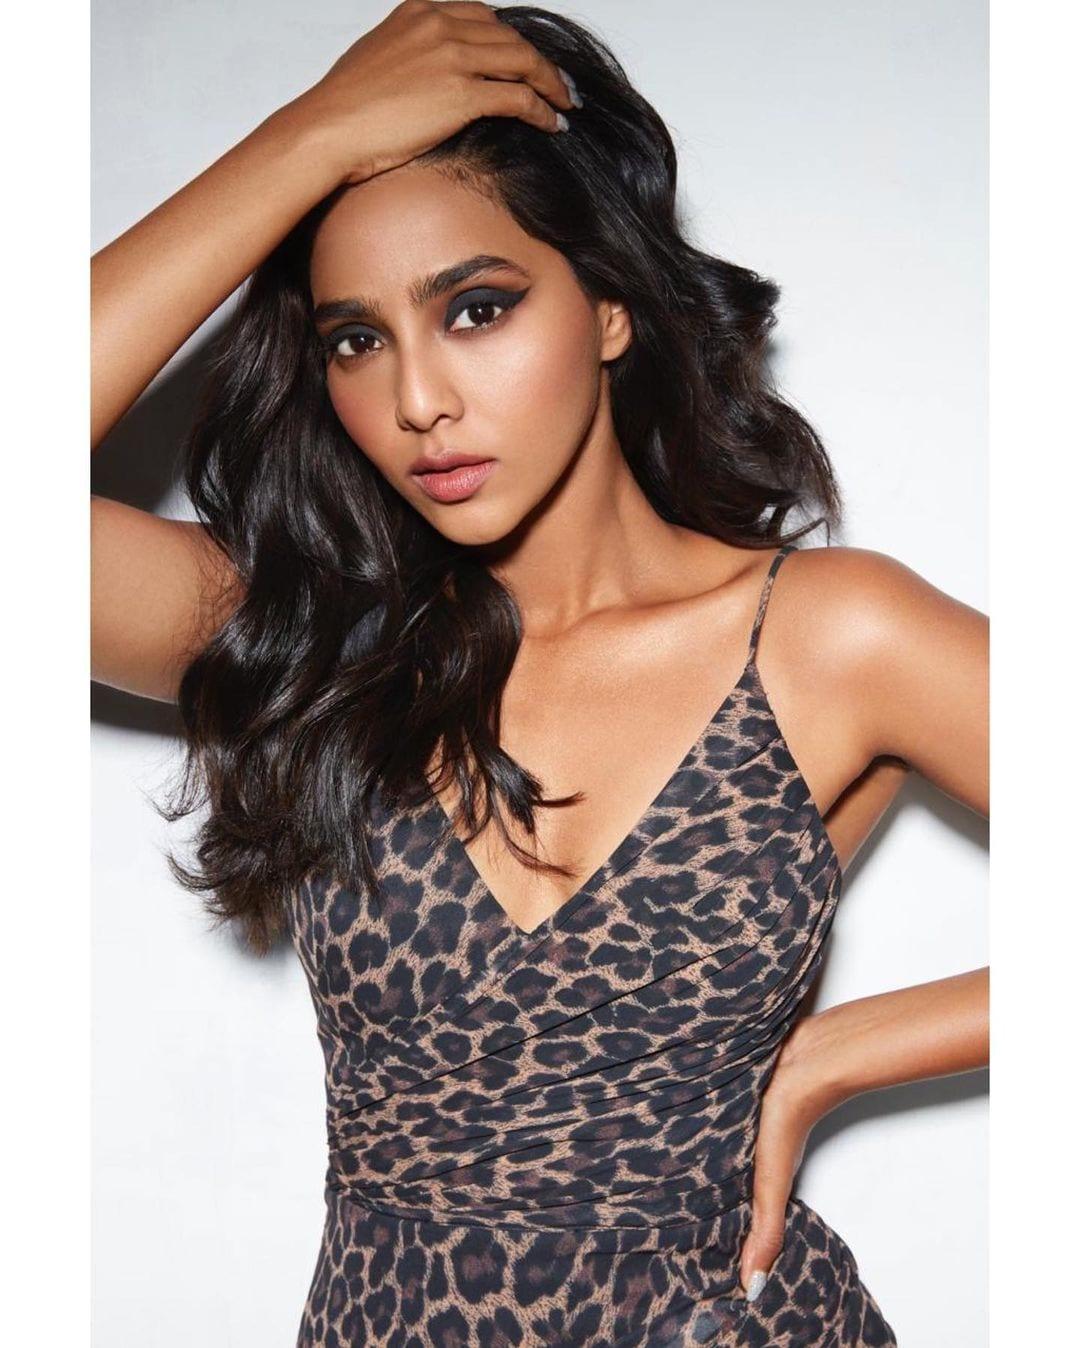 நடிகை ஐஸ்வர்யா லட்சுமி ( Image : Instagram @aishu__ )